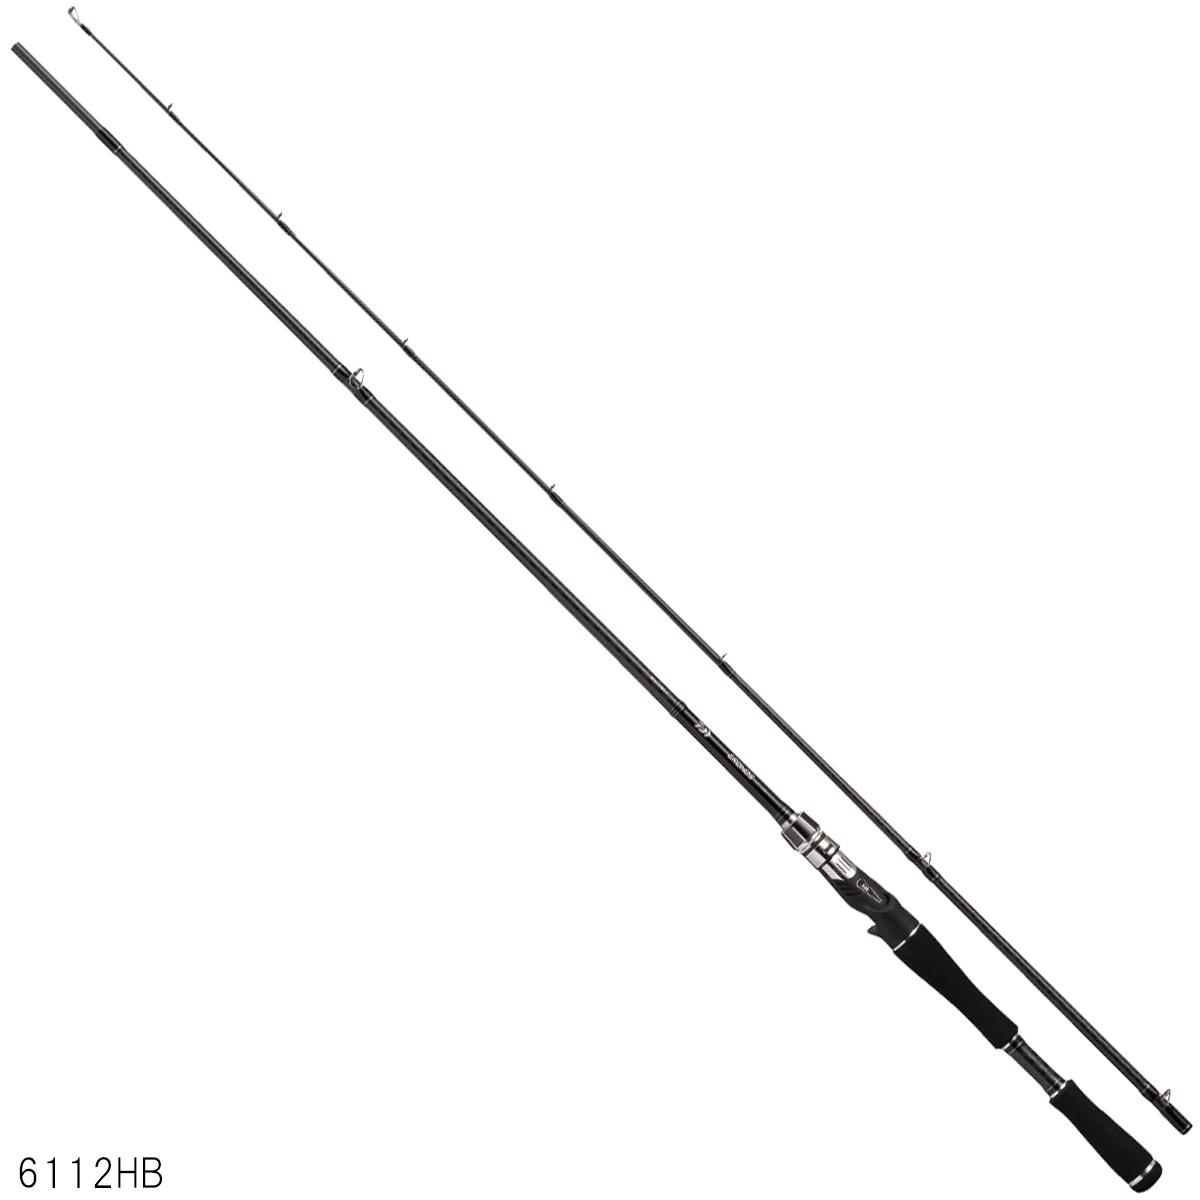 大和(Daiwa)克羅諾斯减弱角色型號6112HB